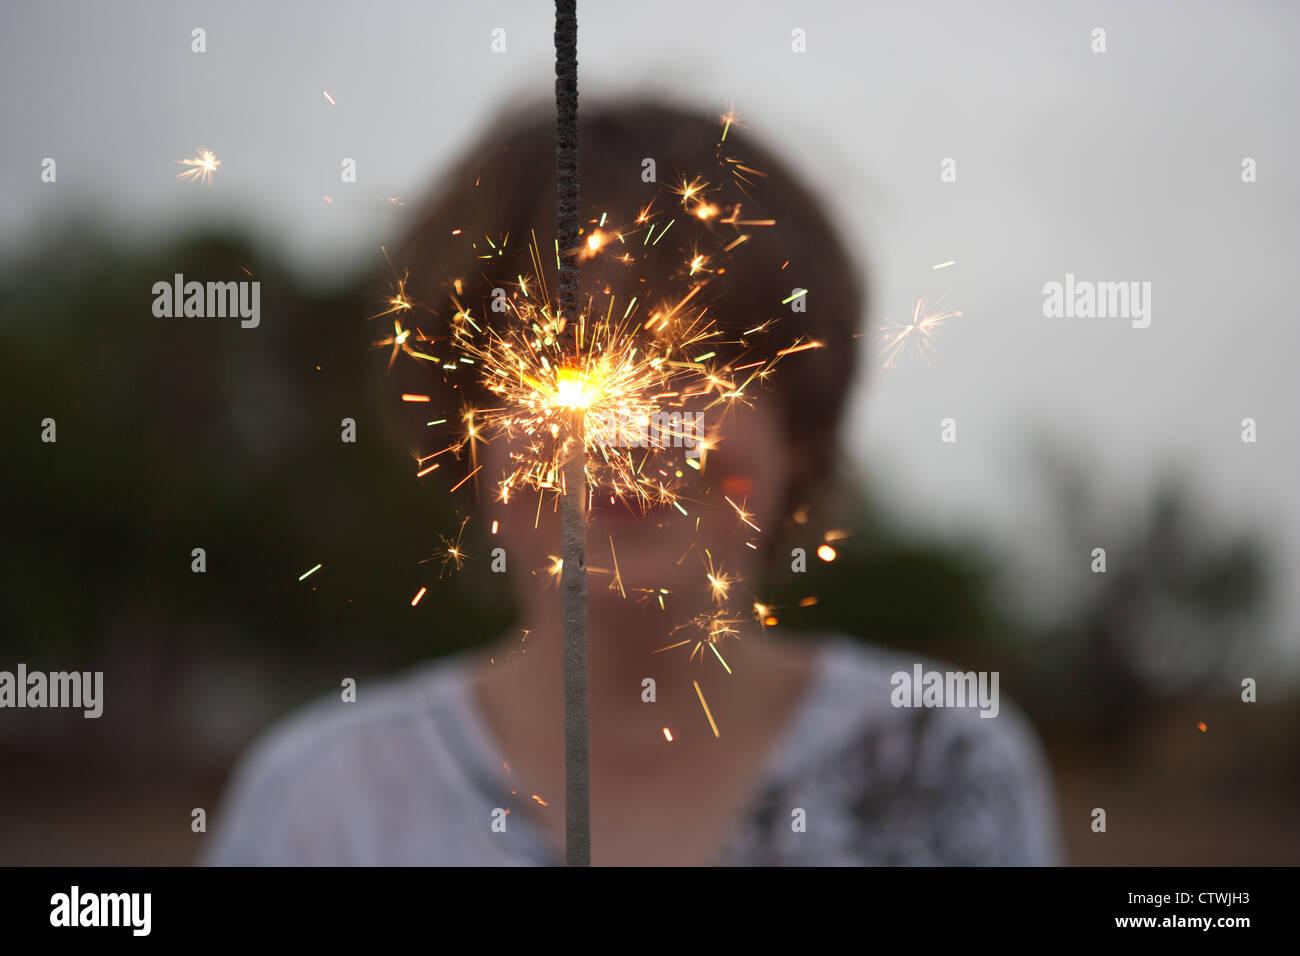 Tredici anni di old boy può contenere fino a grandi spakler sul quarto di luglio. Foto Stock